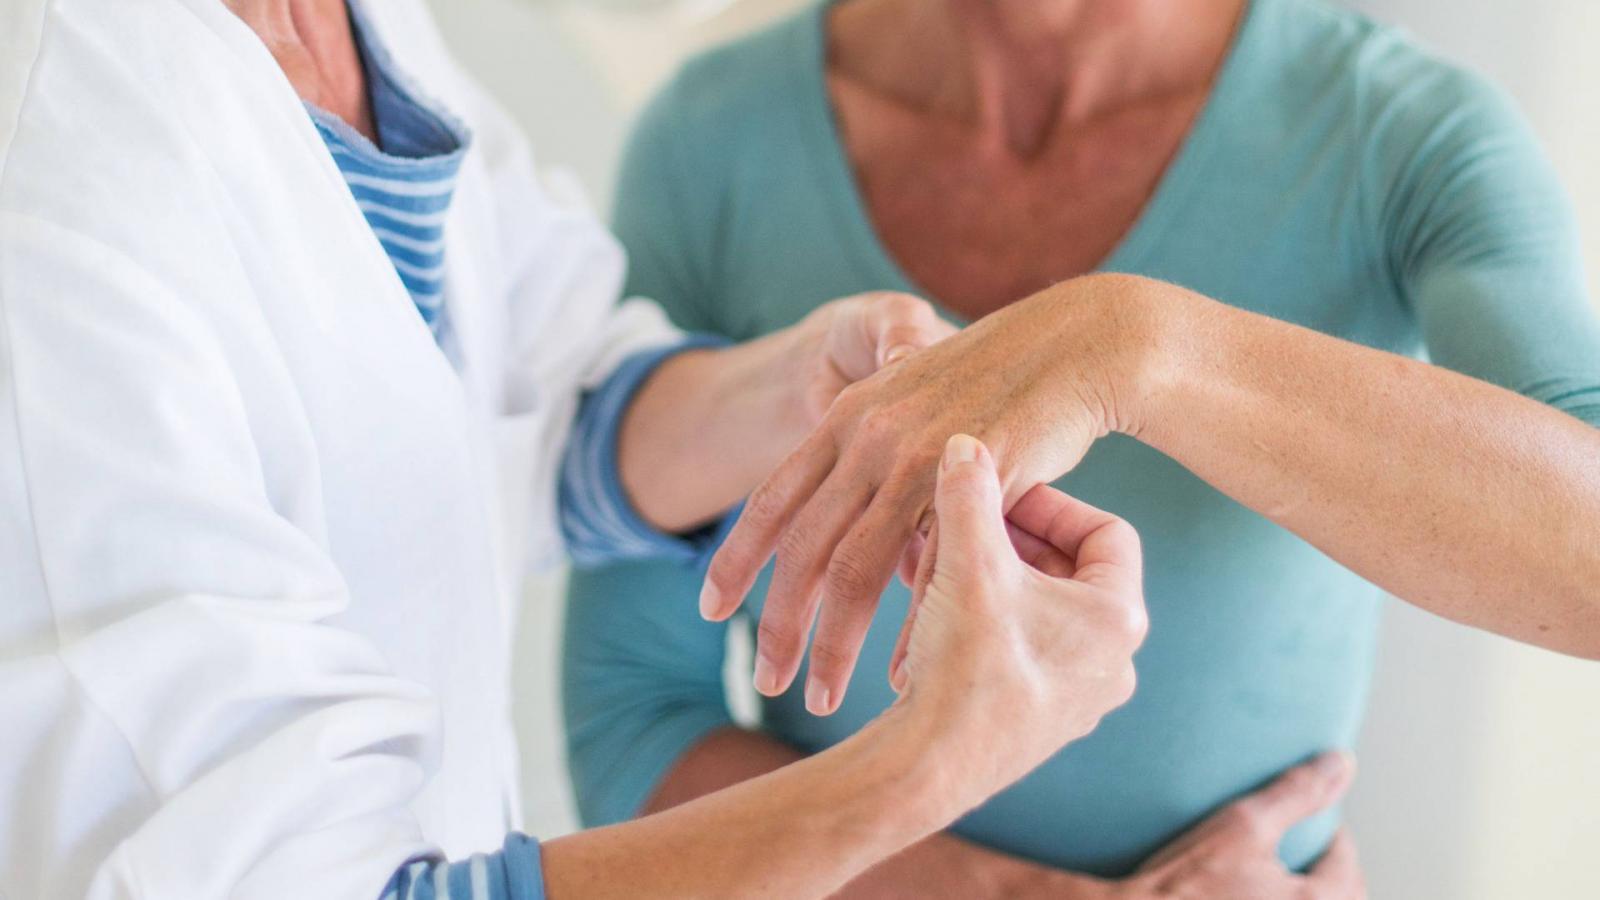 hogyan kezeljük a lábak ízületi fájdalmait)